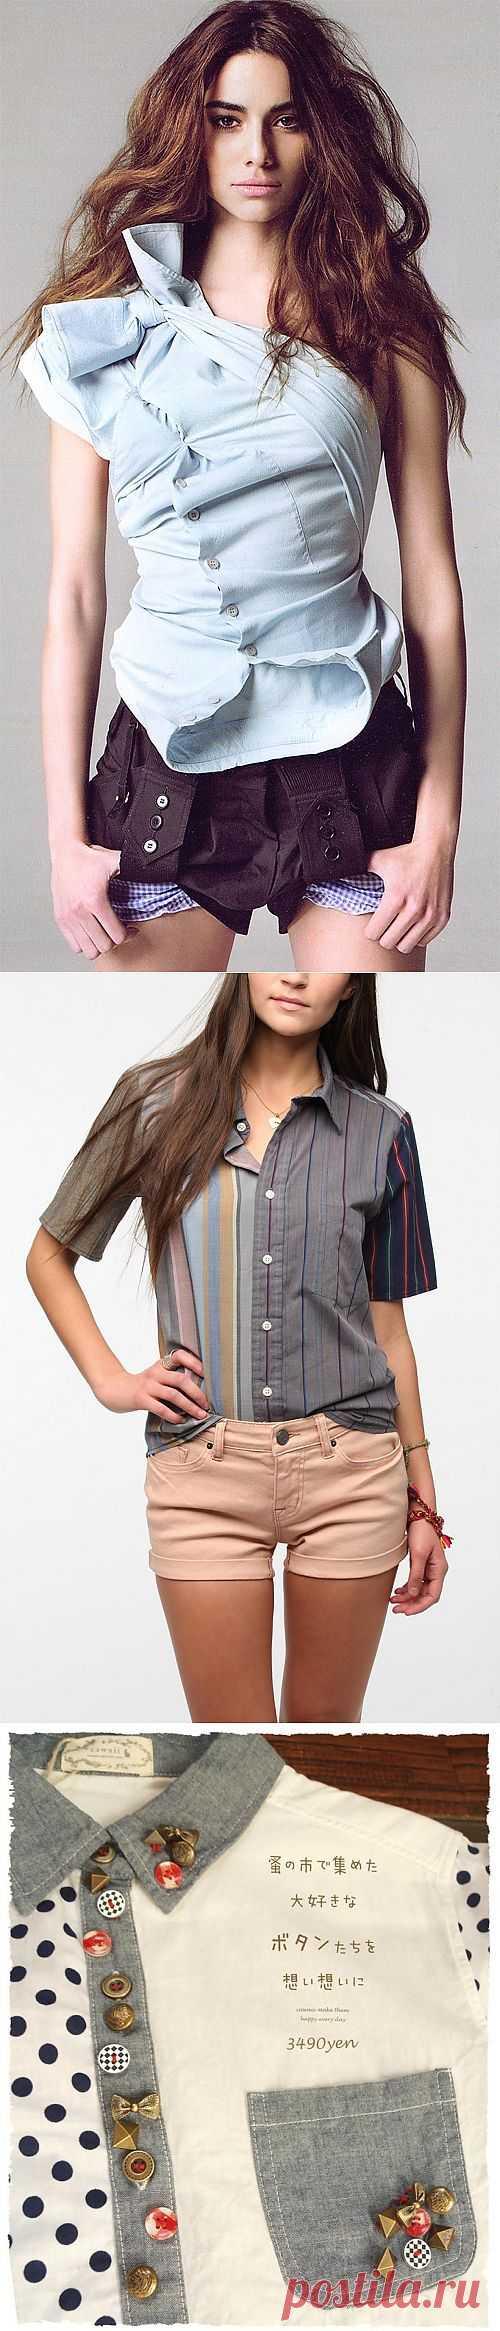 Блузки с интересными деталями (подборка) / Блузки / Модный сайт о стильной переделке одежды и интерьера